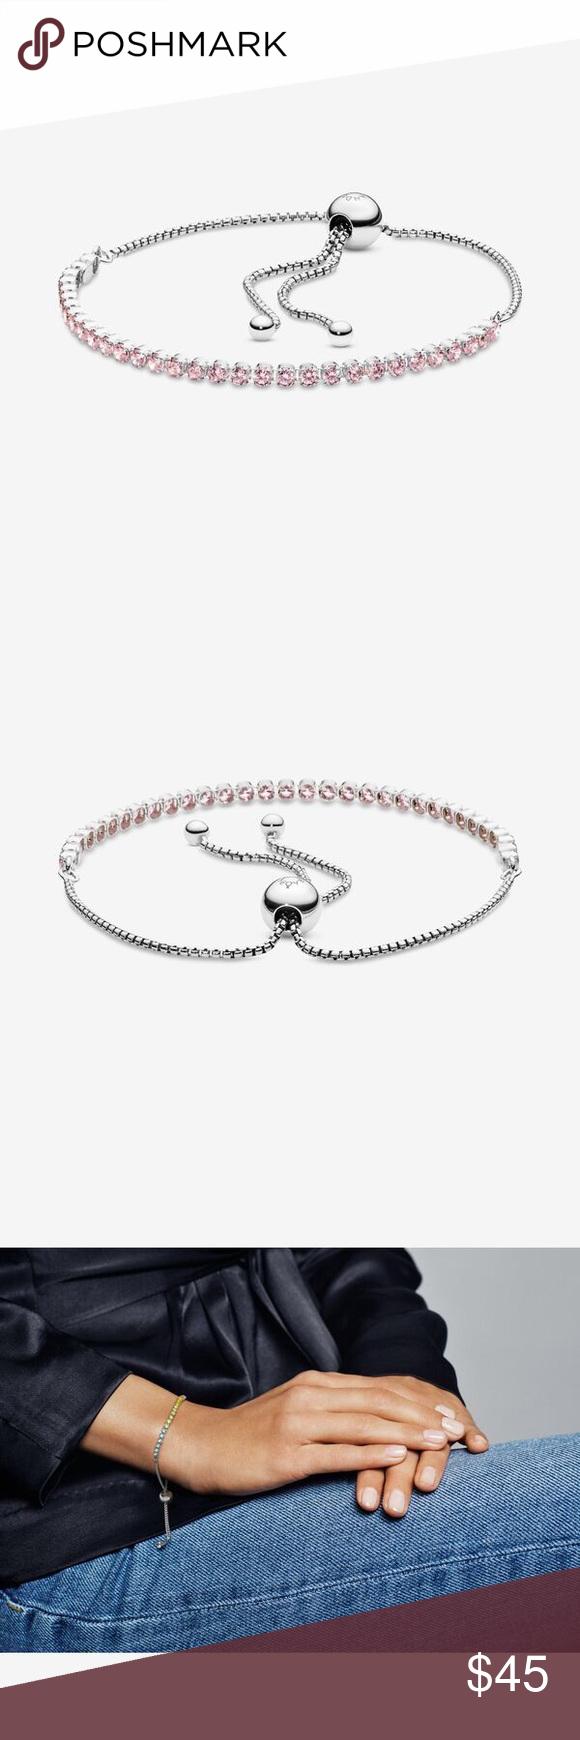 Pink Sparkling Slider Tennis Bracelet Brand New In 2020 Pandora Pink Tennis Bracelet Pandora Jewelry Bracelets